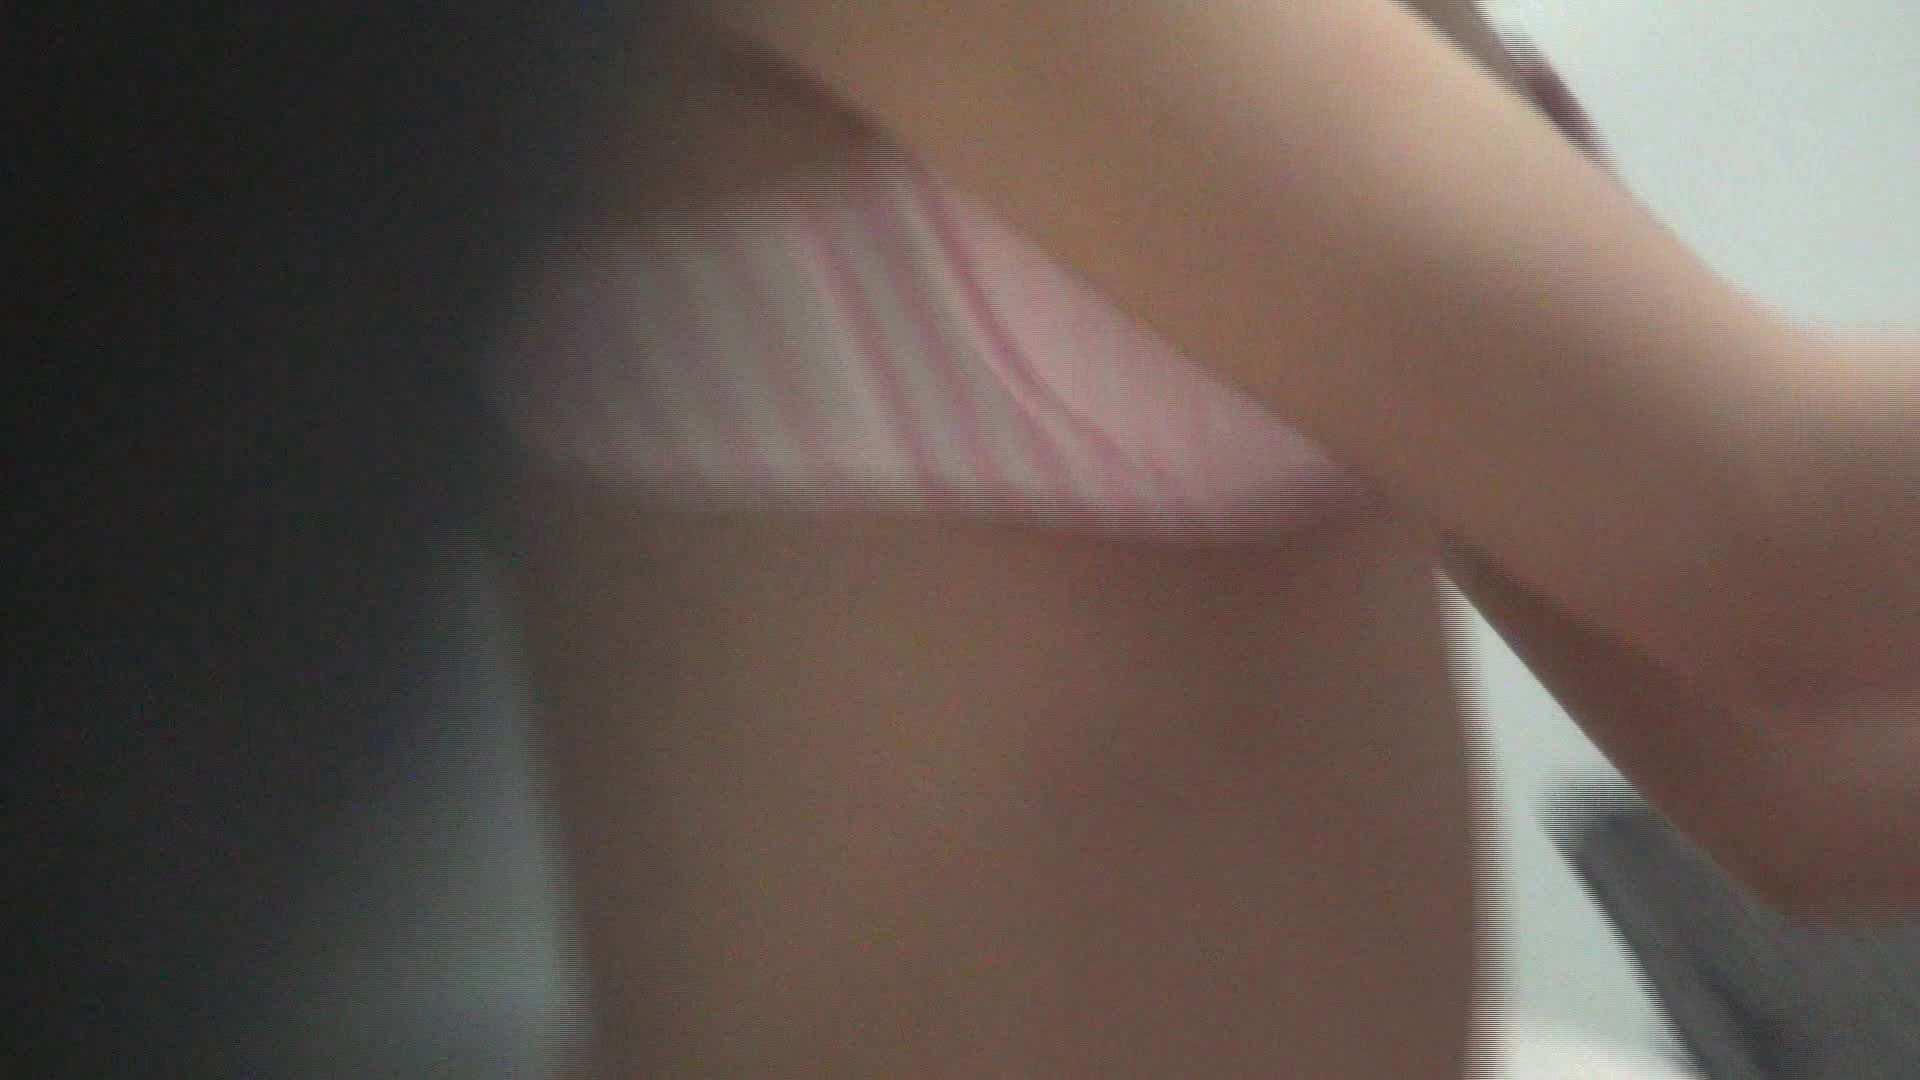 【05】仕事が忙しくて・・・久しぶりにベランダで待ち伏せ リアル・マンコ のぞき動画画像 85pic 23